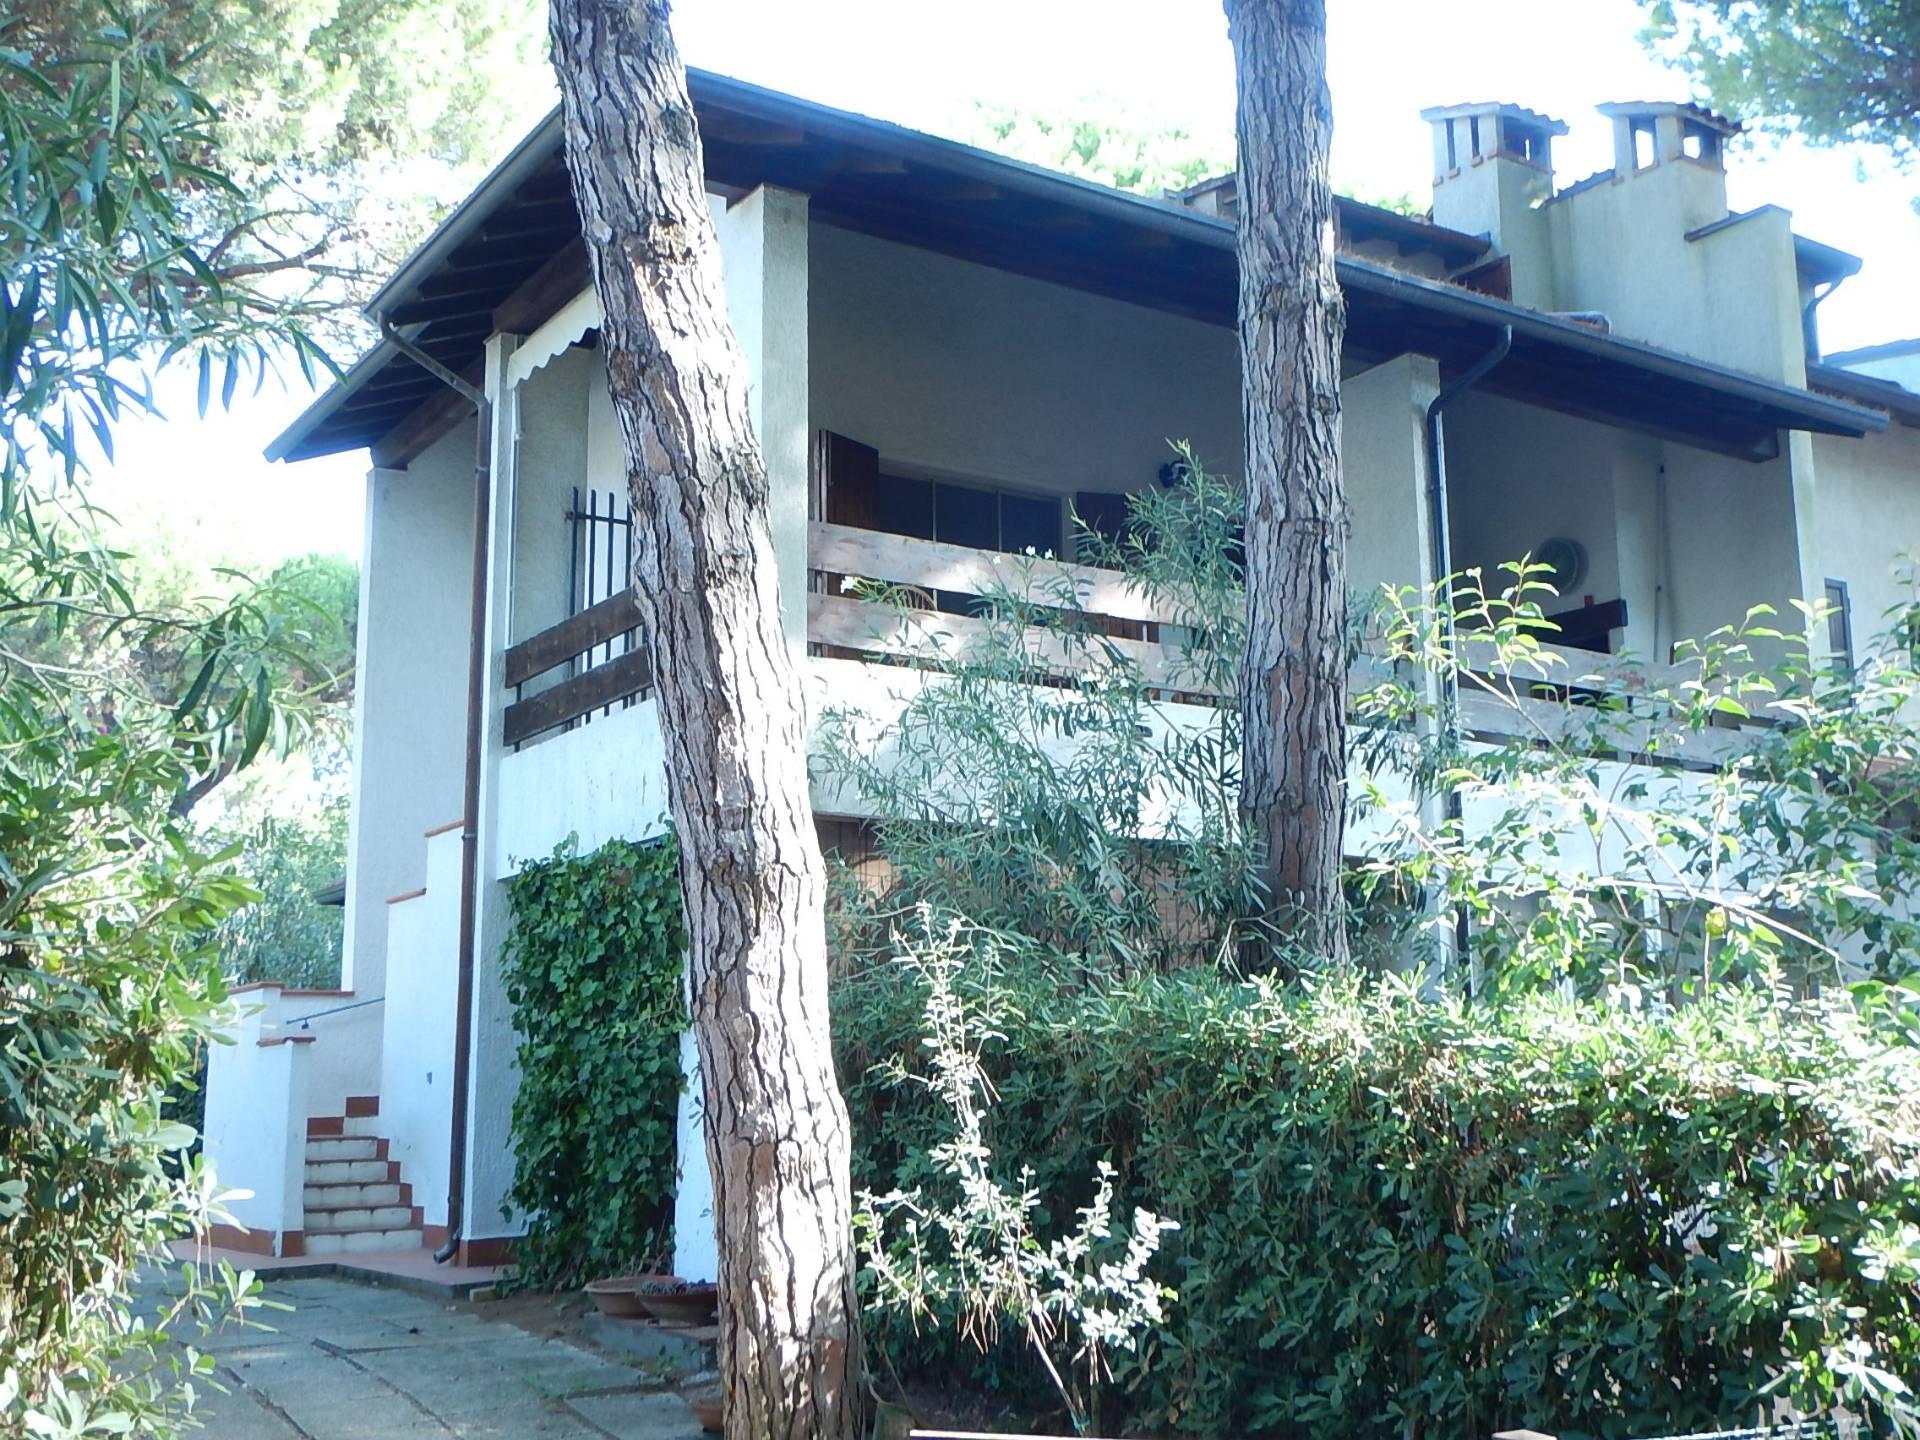 Soluzione Indipendente in vendita a Comacchio, 5 locali, zona Località: LidodiSpina, prezzo € 220.000 | CambioCasa.it